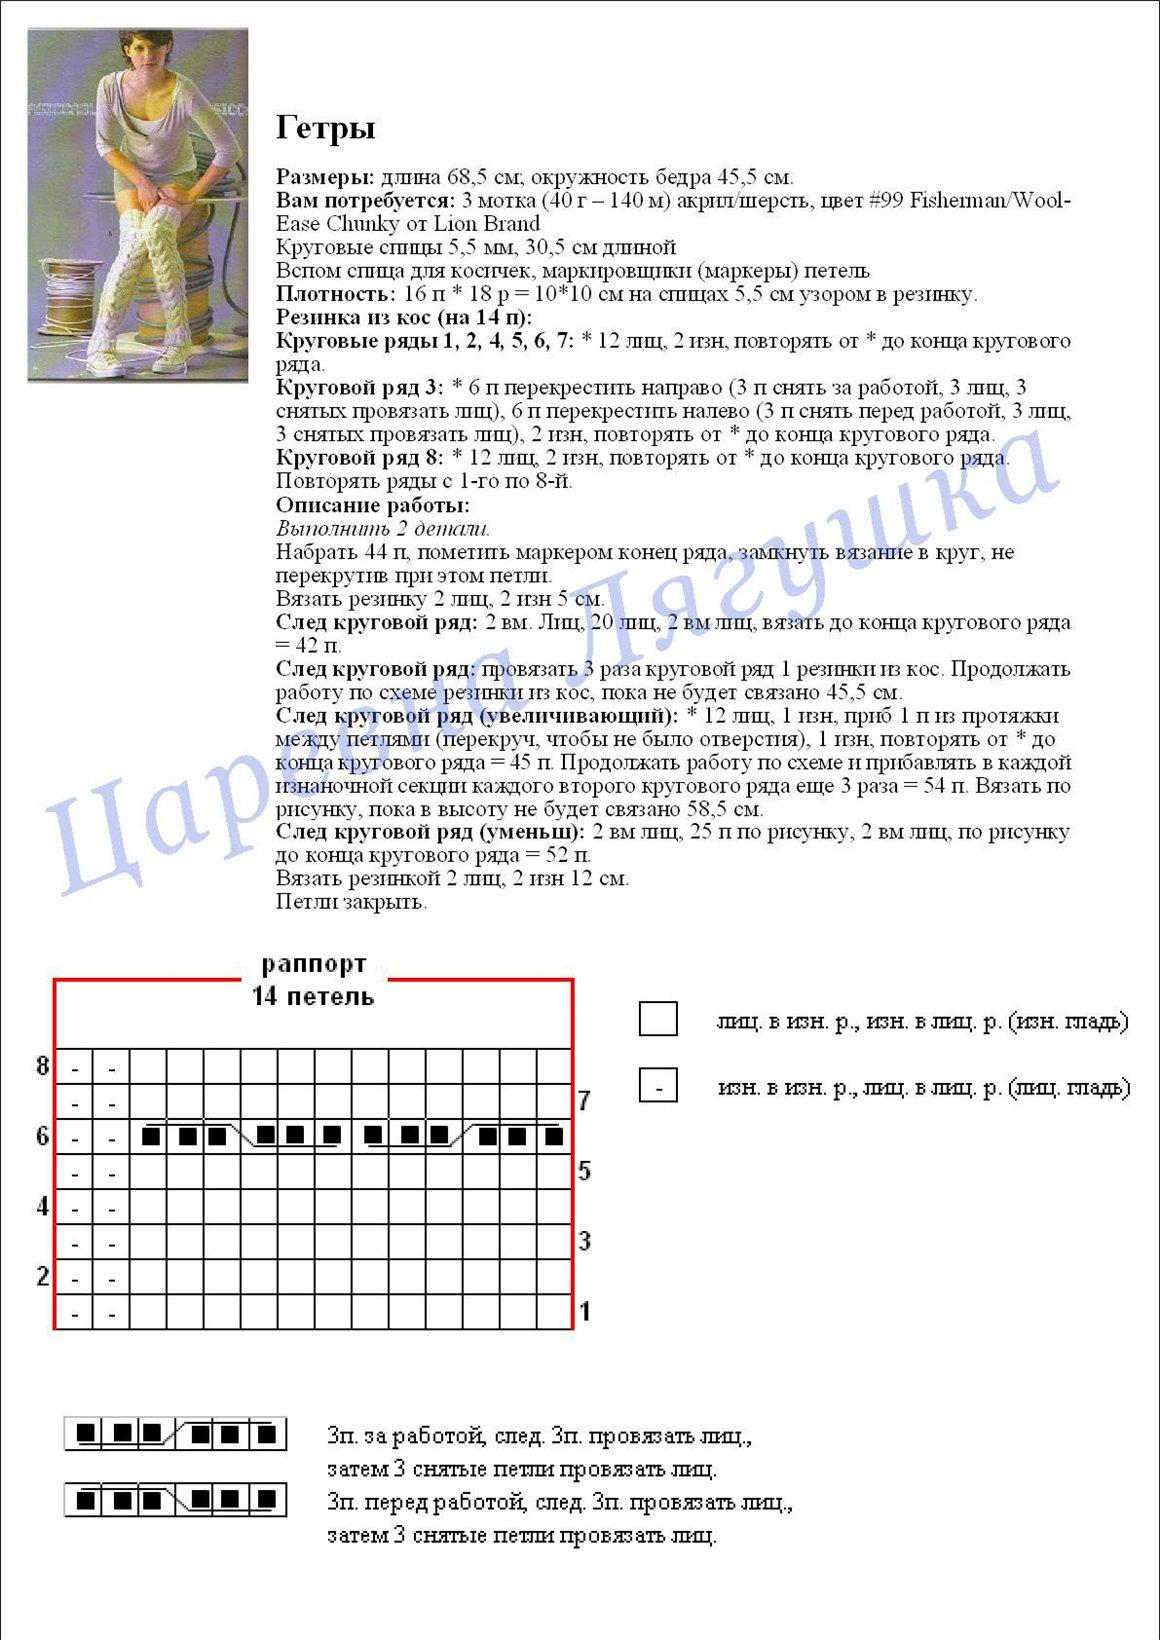 Вязанные гетры с описанием и схемами